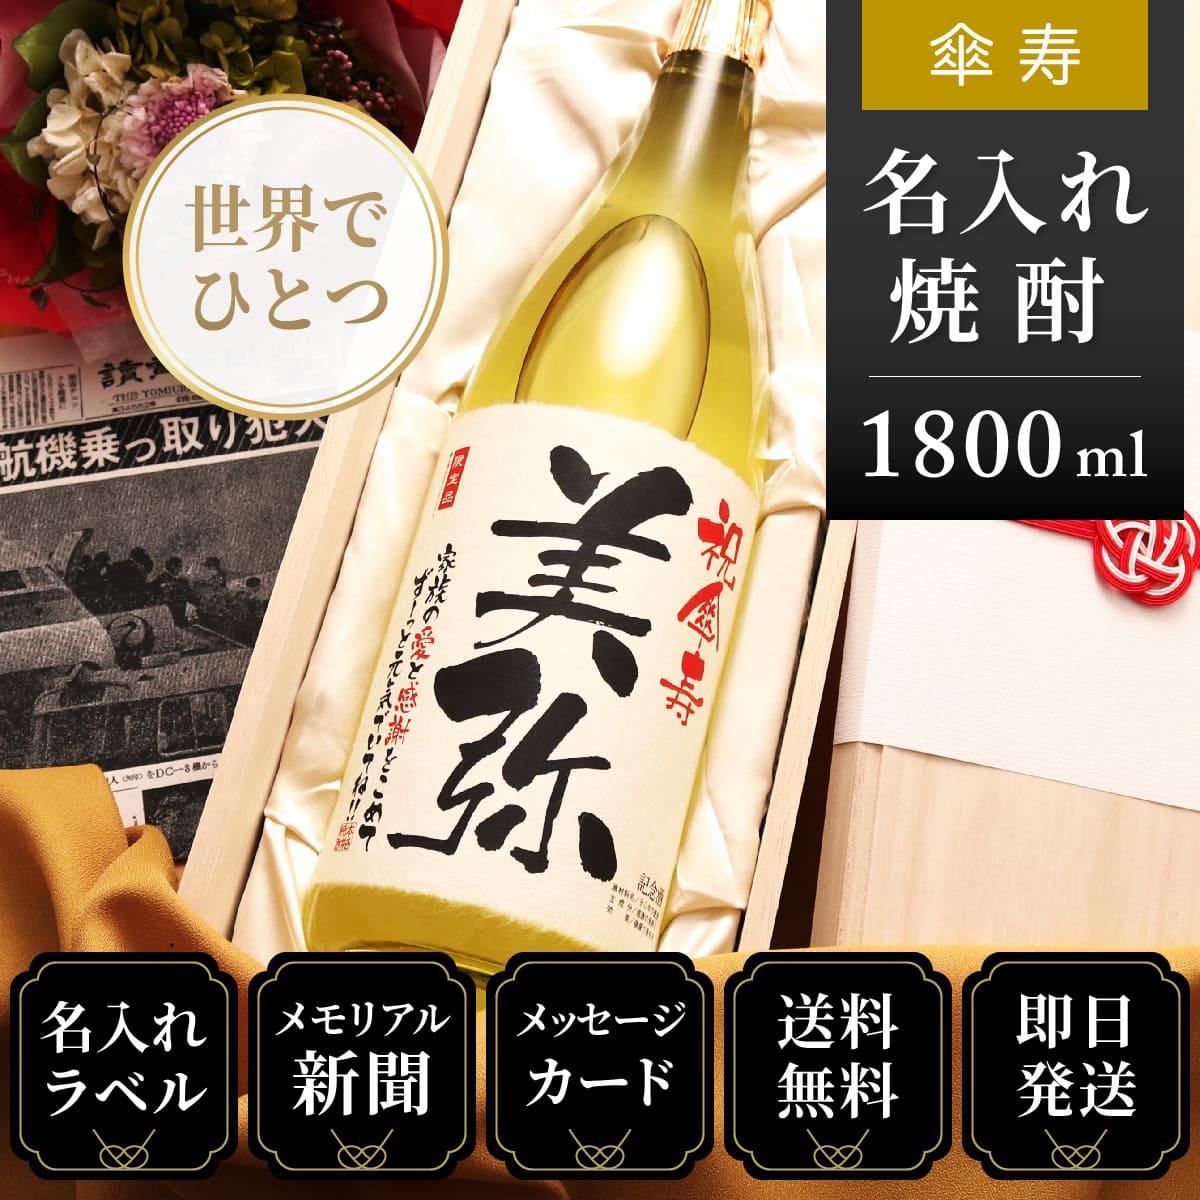 傘寿のプレゼント「華乃萌黄」父親向け贈り物(酒粕焼酎)